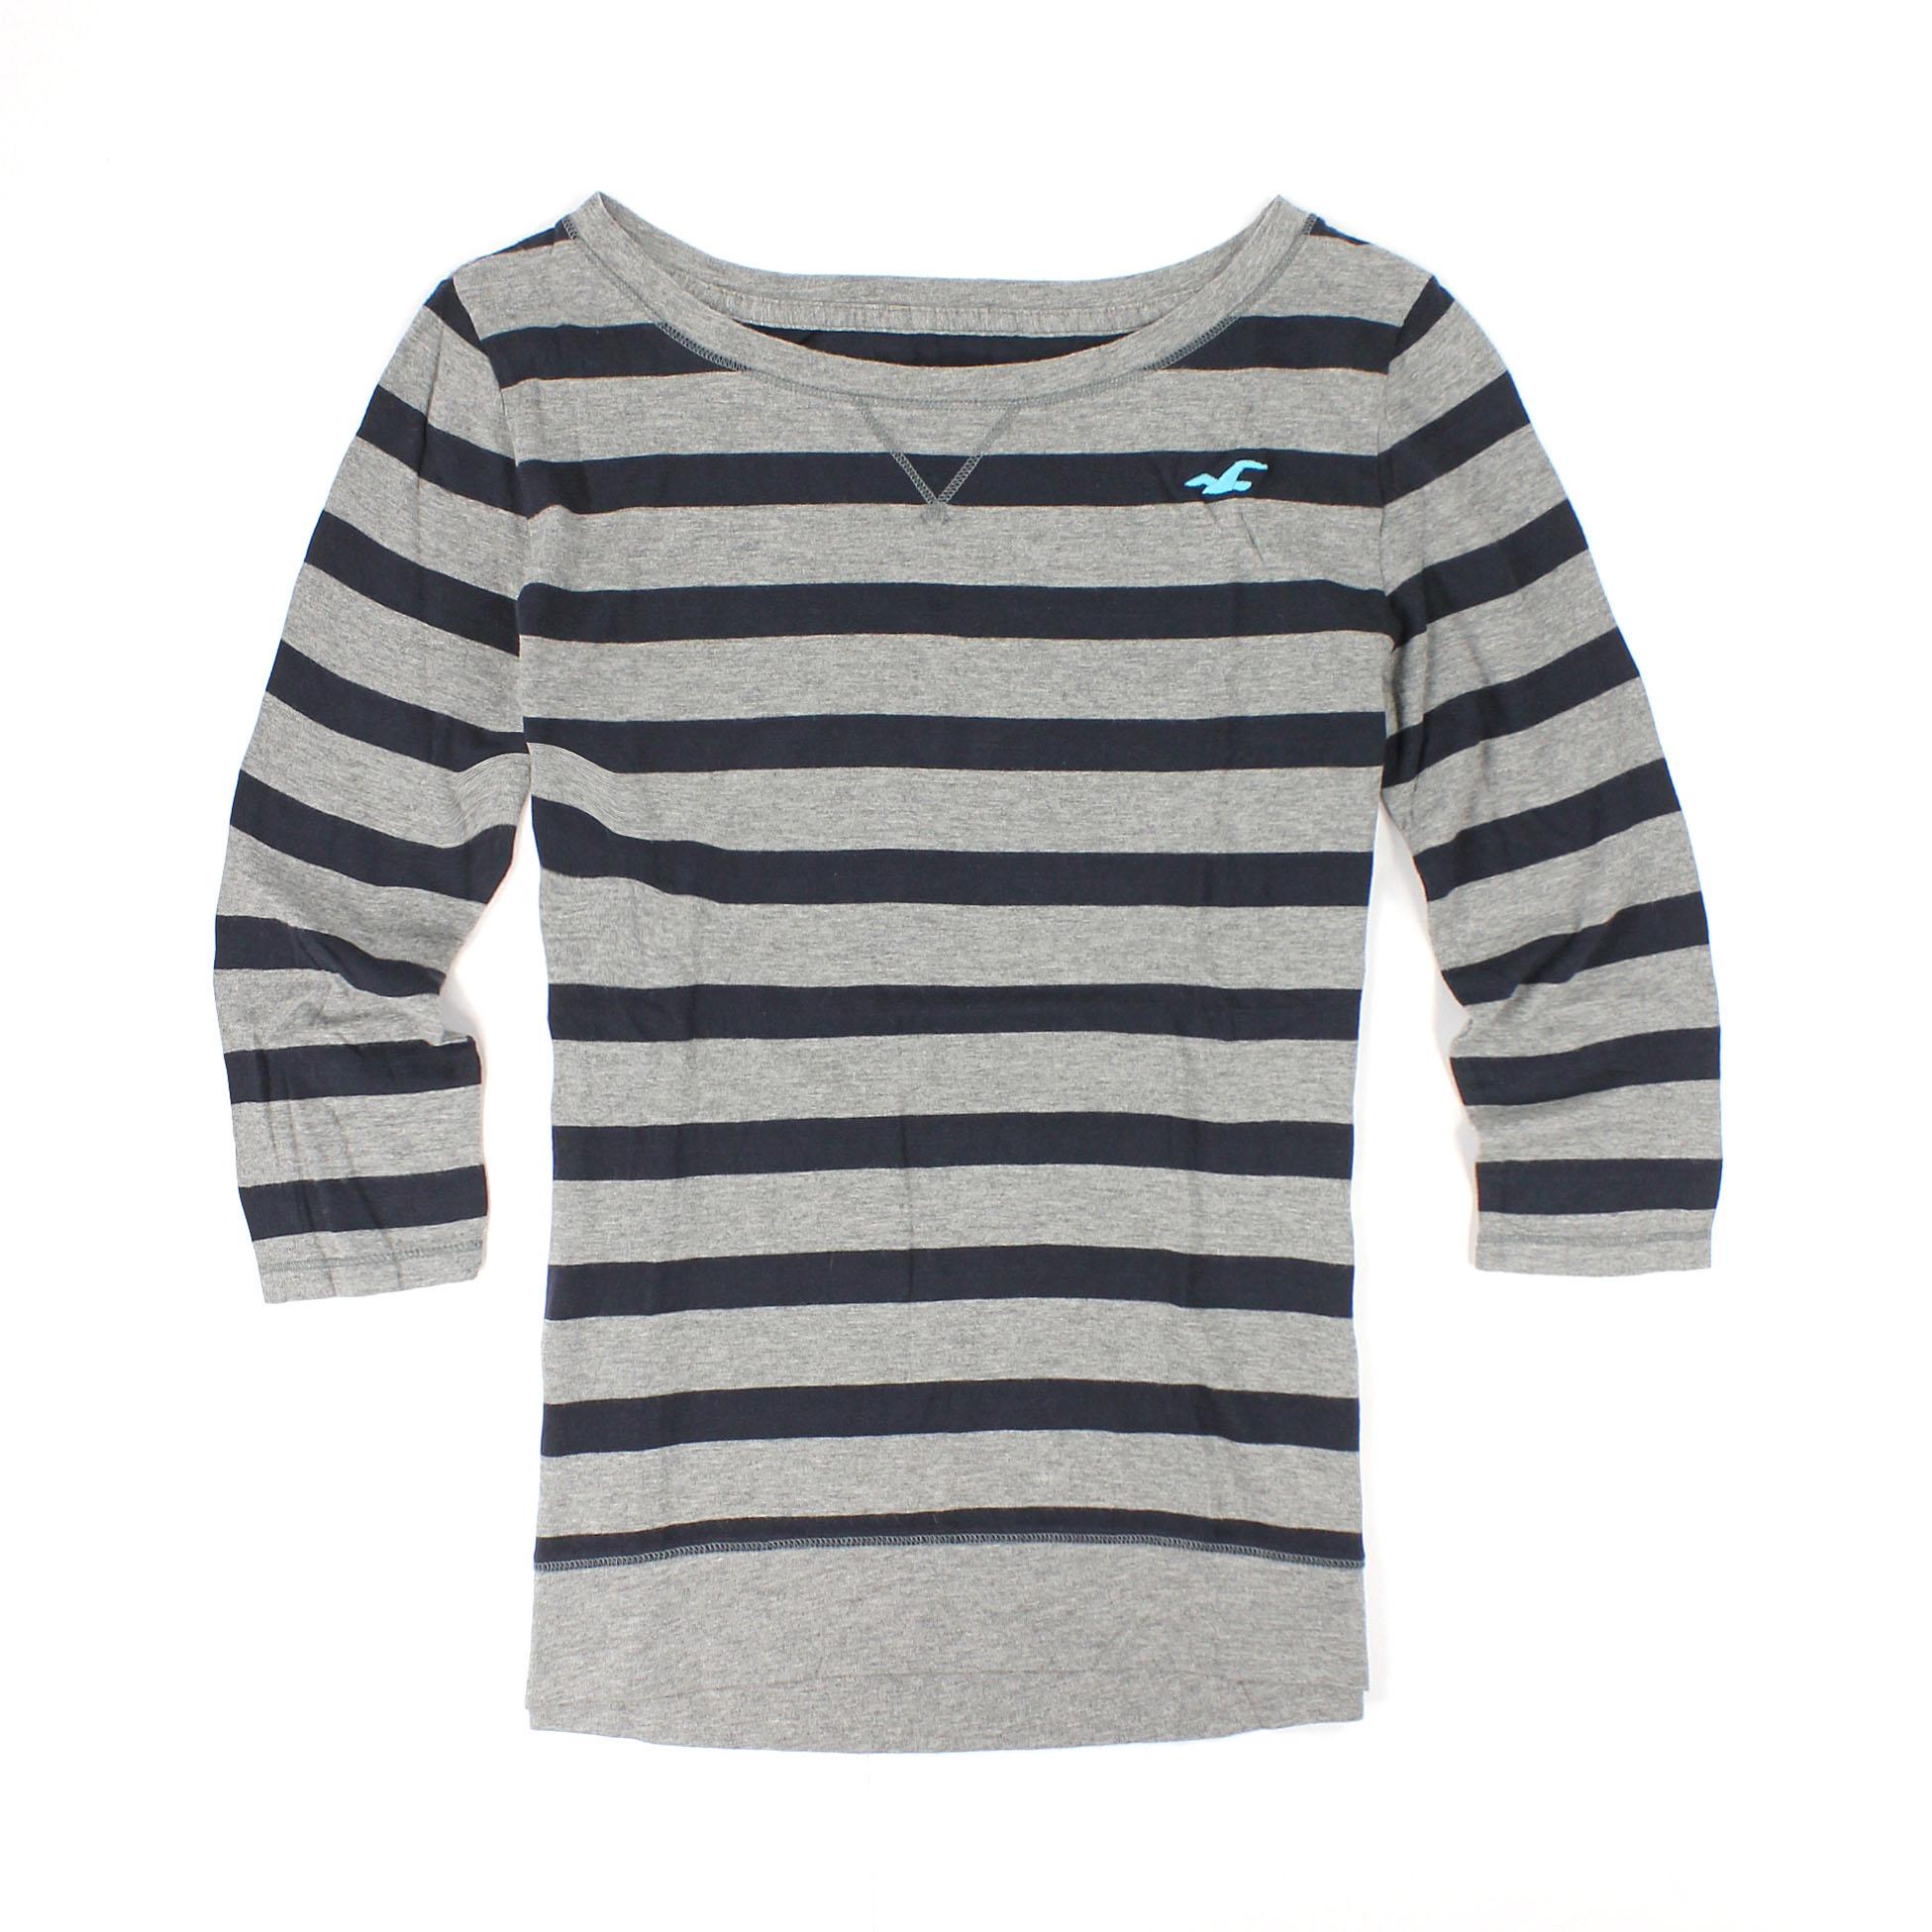 美國百分百【全新真品】Hollister Co. T恤 HCO 上衣 長袖 T-shirt 海鷗 灰 條紋 假V領 七分袖 女 XS S M號